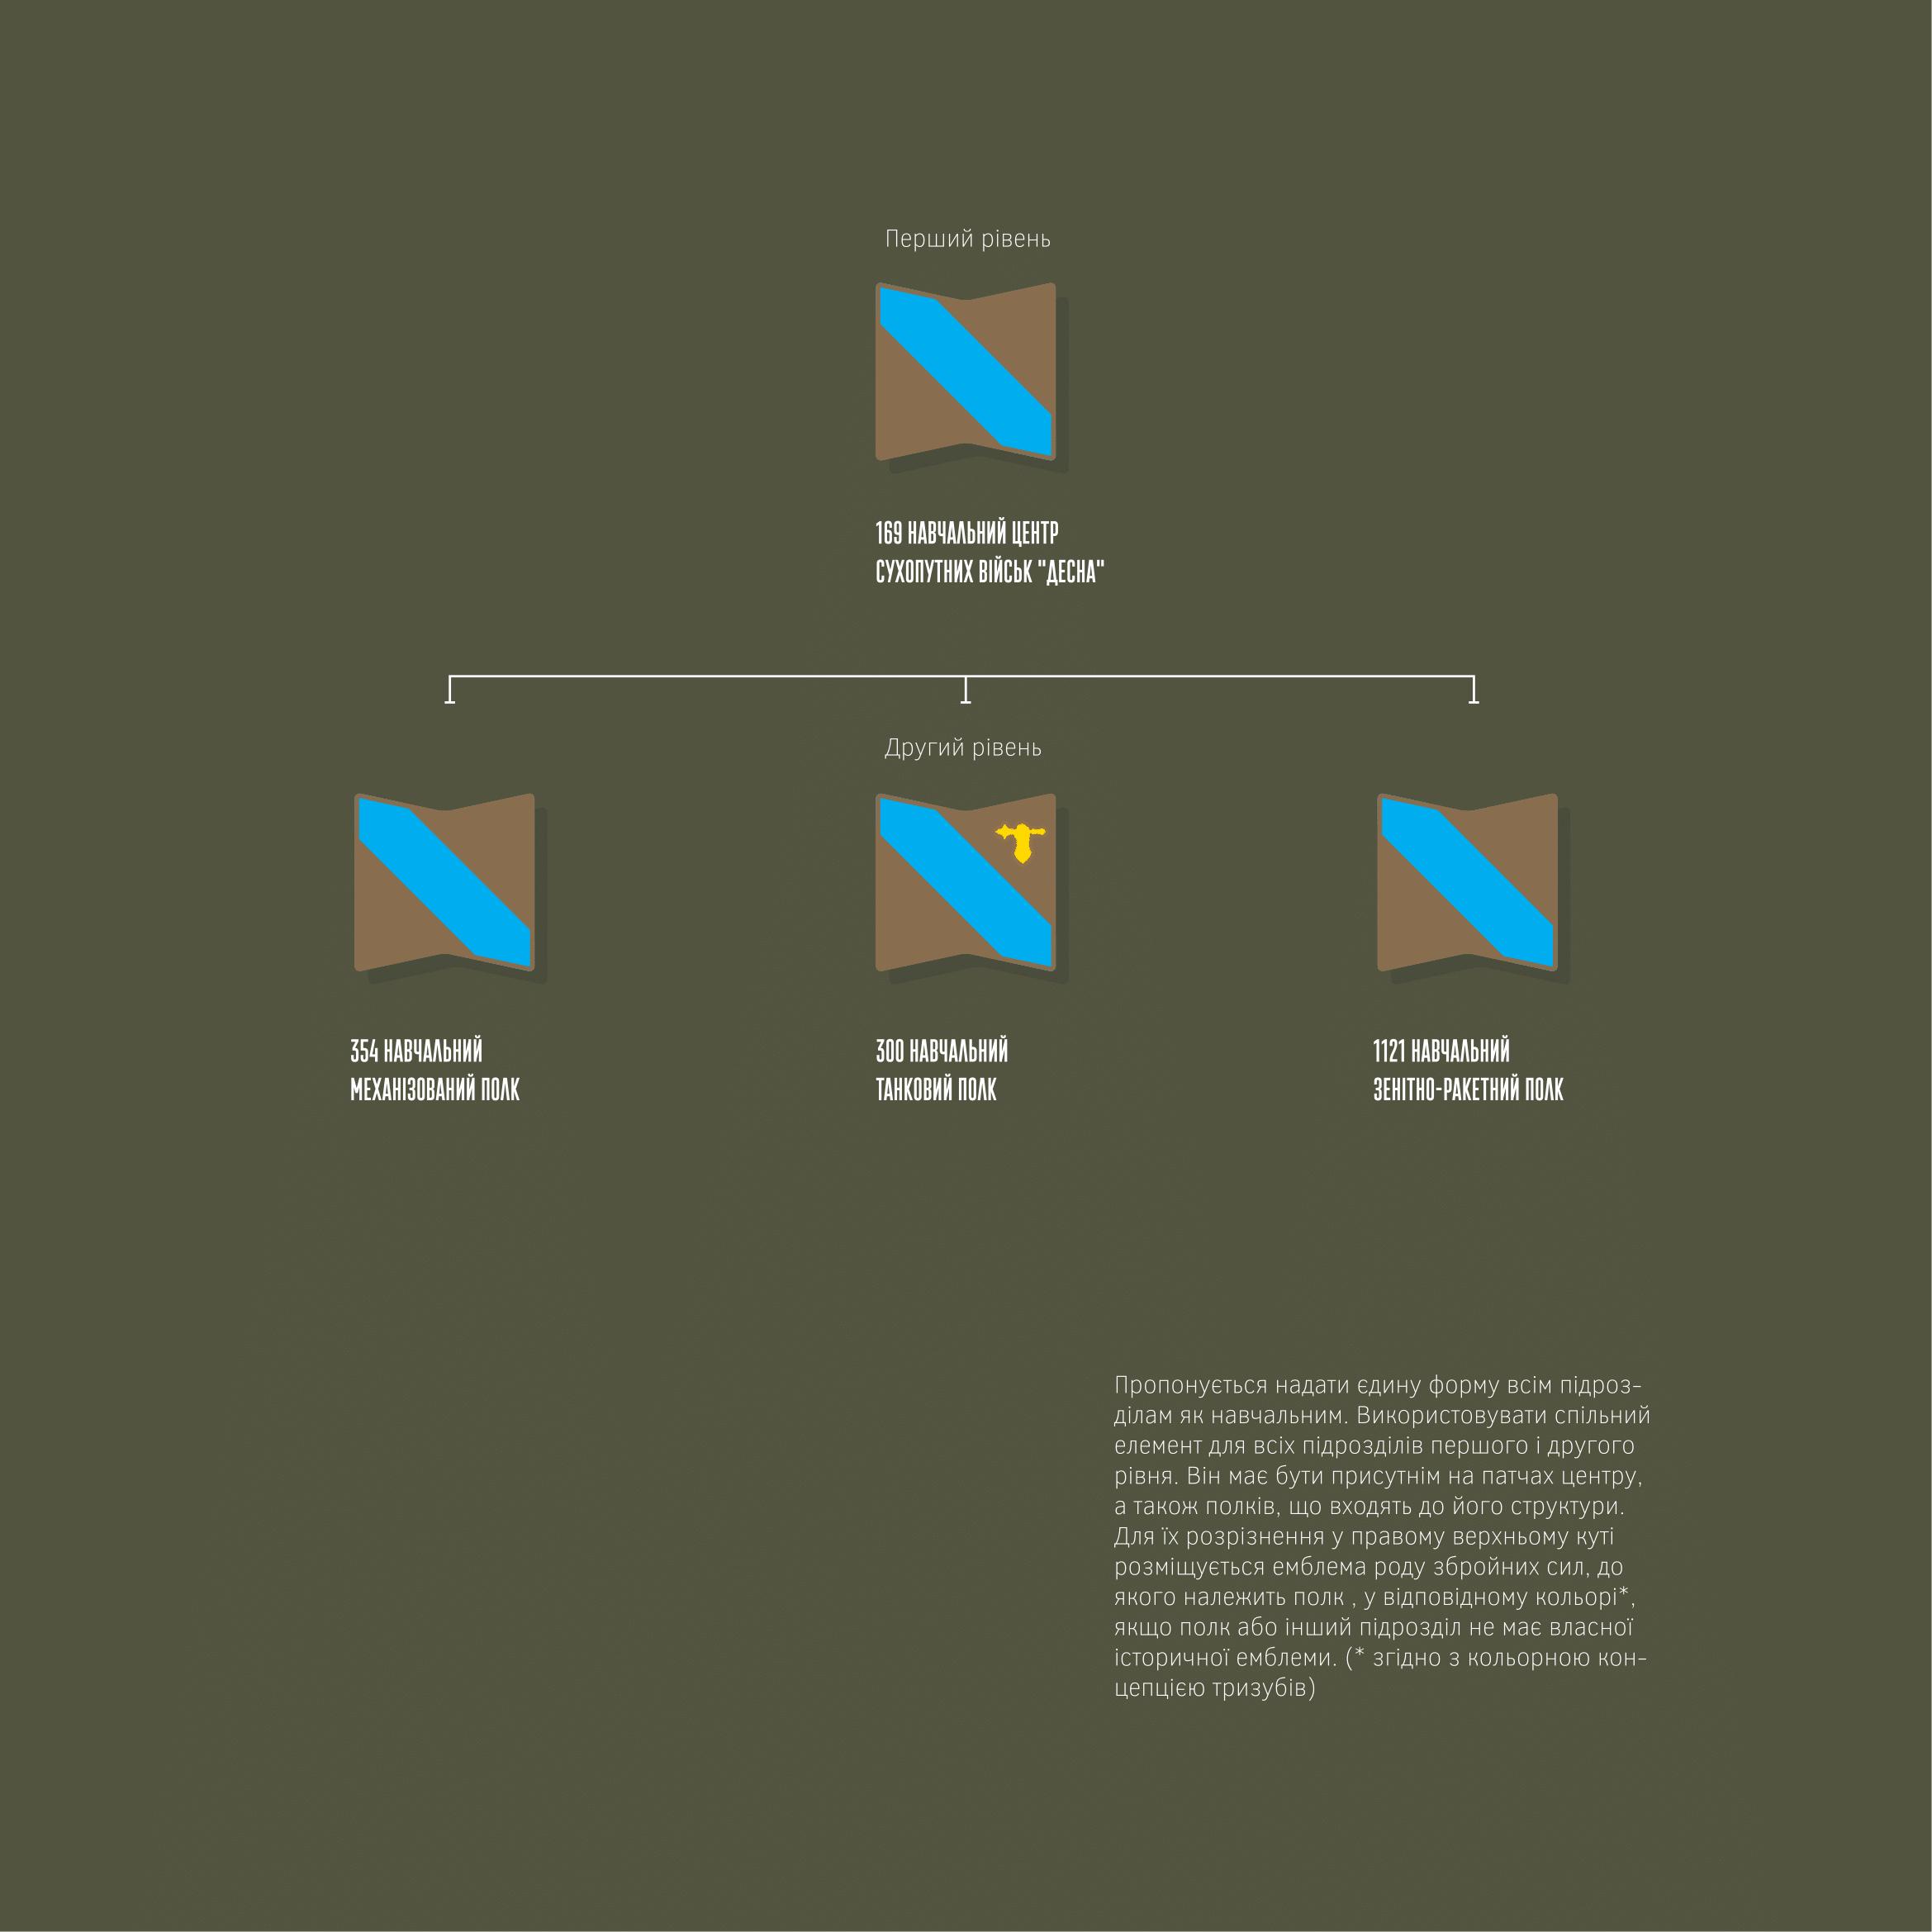 Pin by Alexandr Tereschenko on Доска Pie chart, Chart, Ads